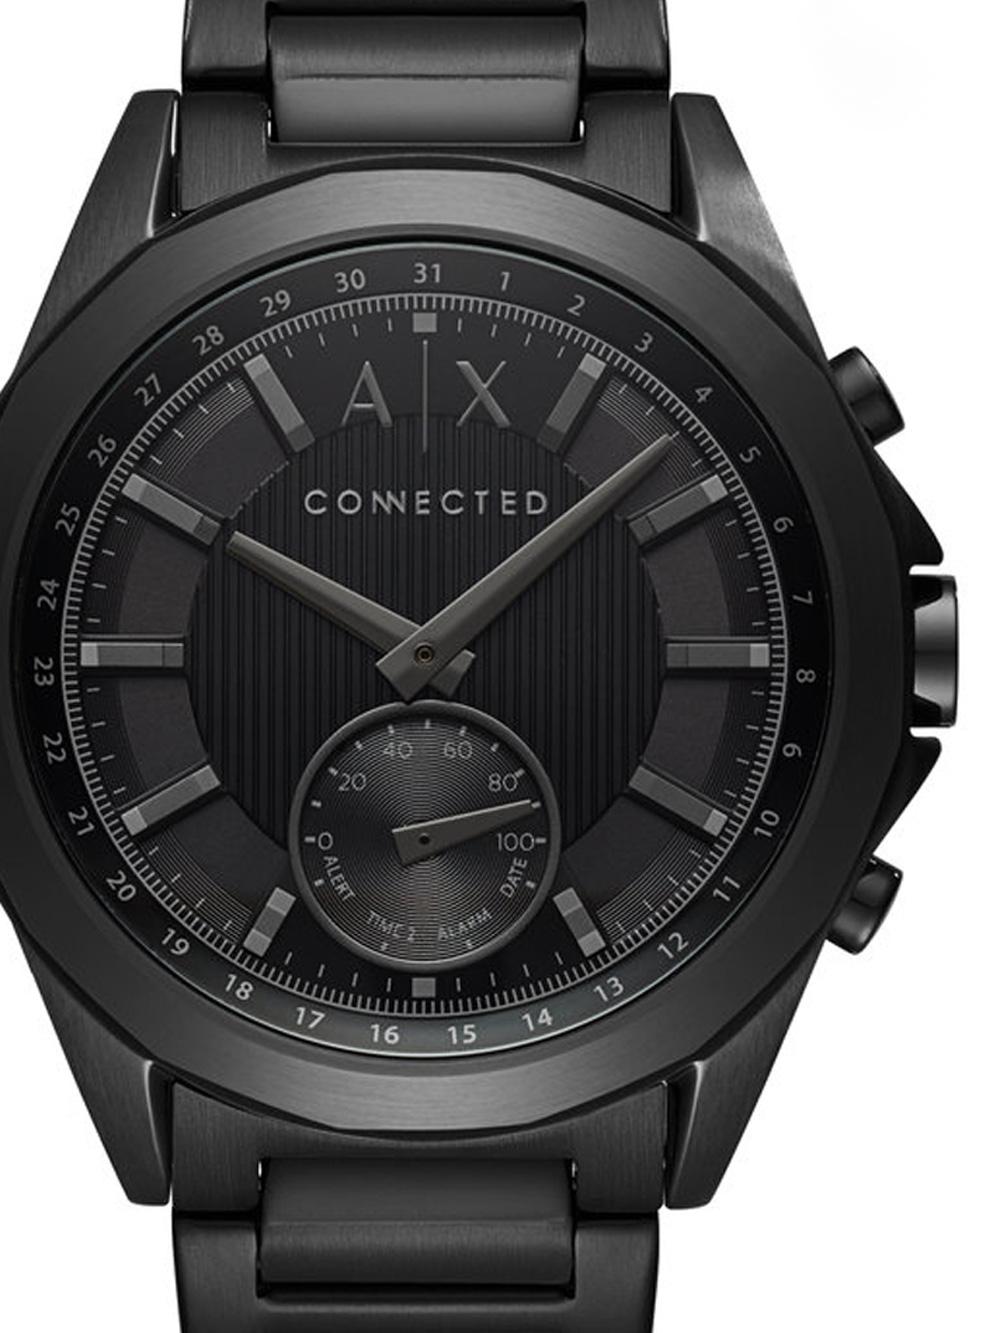 Armani Exchange AXT1007 Connected Smartwatch Herren 44mm 5ATM